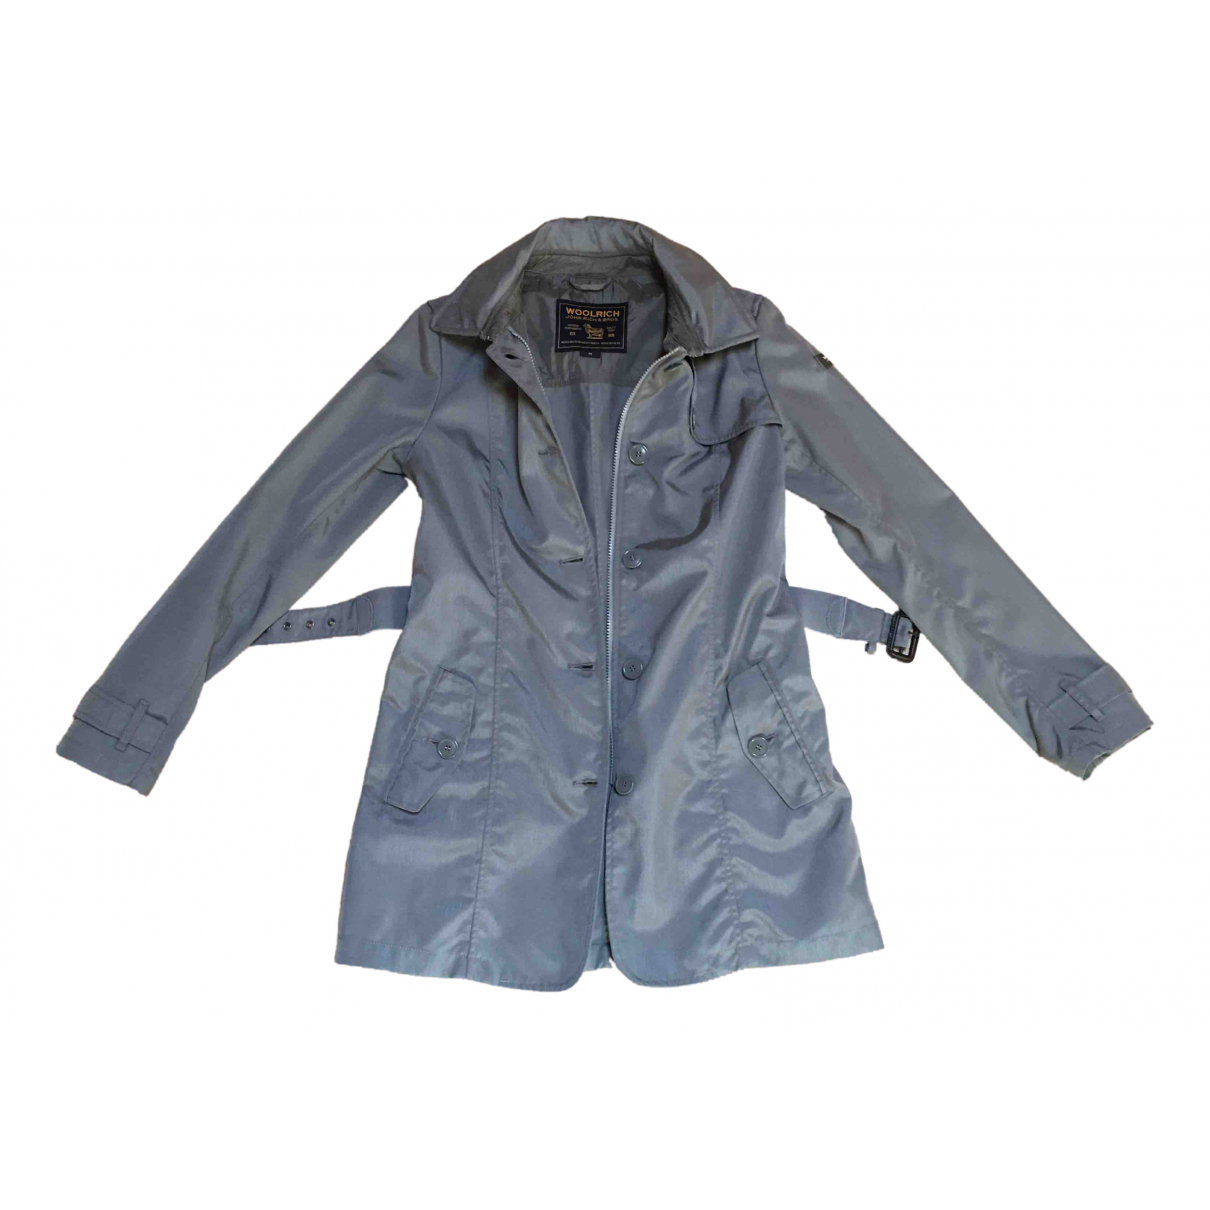 Woolrich \N coat for Women M International